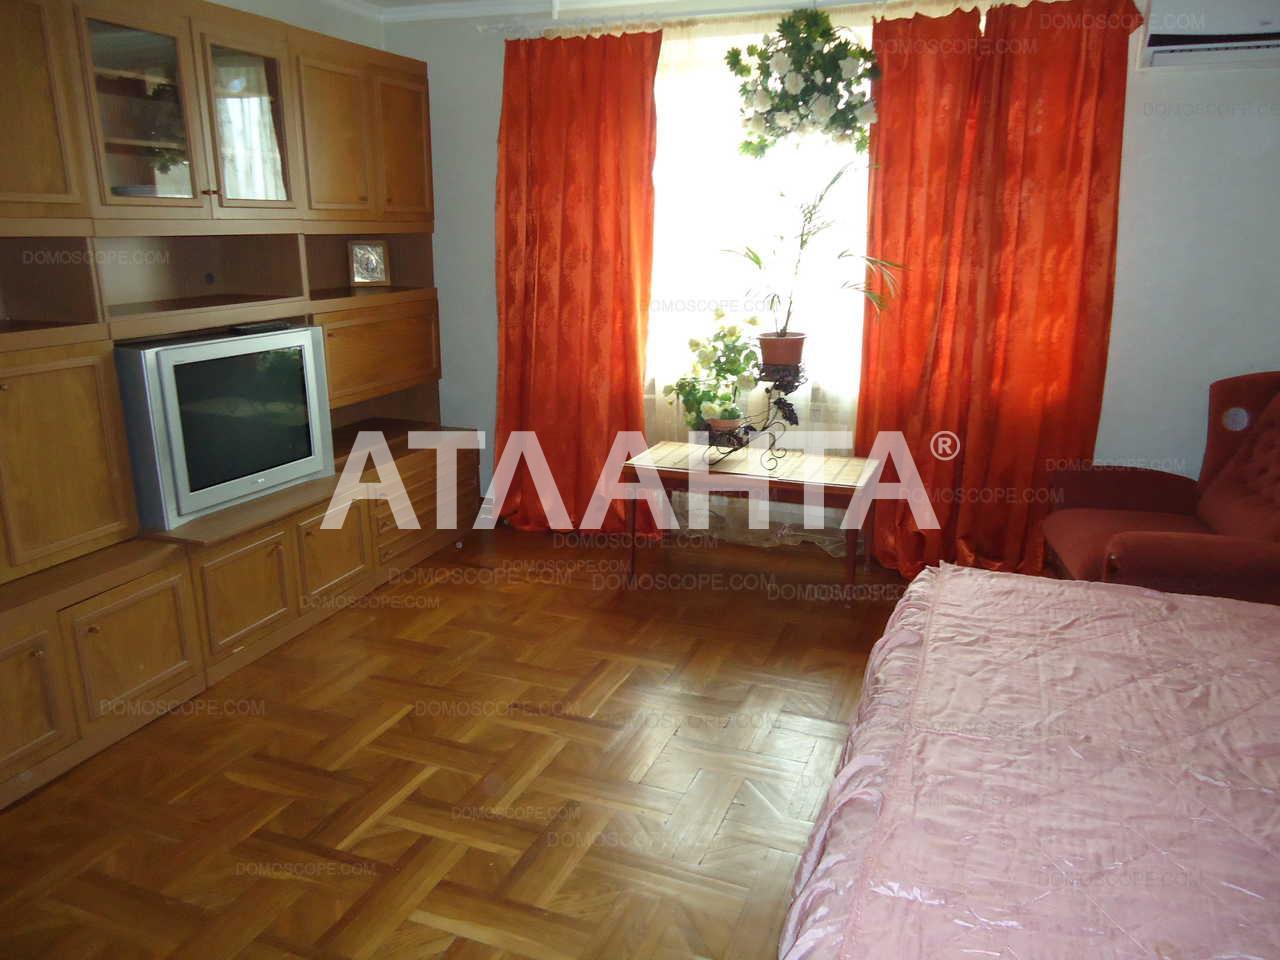 Продается 2-комнатная Квартира на ул. Николаевская Дор. (Котовская Дор.) — 40 000 у.е.